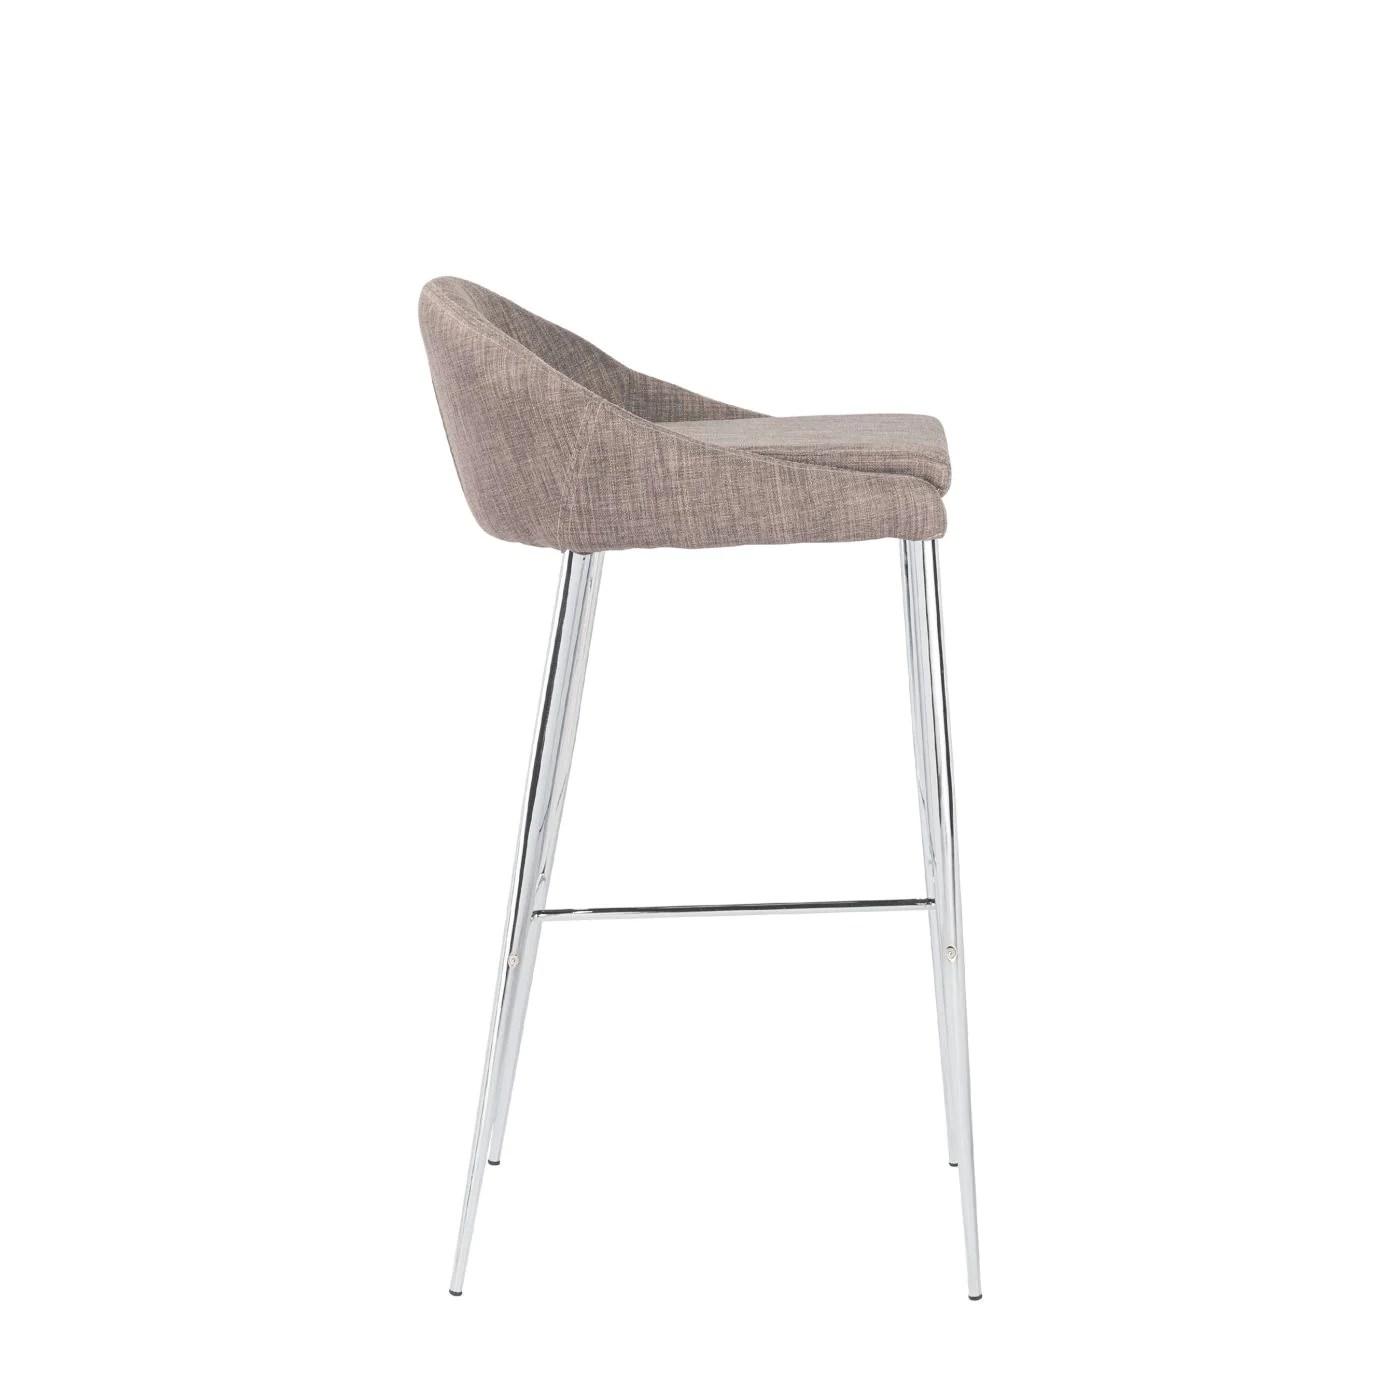 bar stool chair legs walmart wheel chairs euro style brielle b in dark gray with chrome